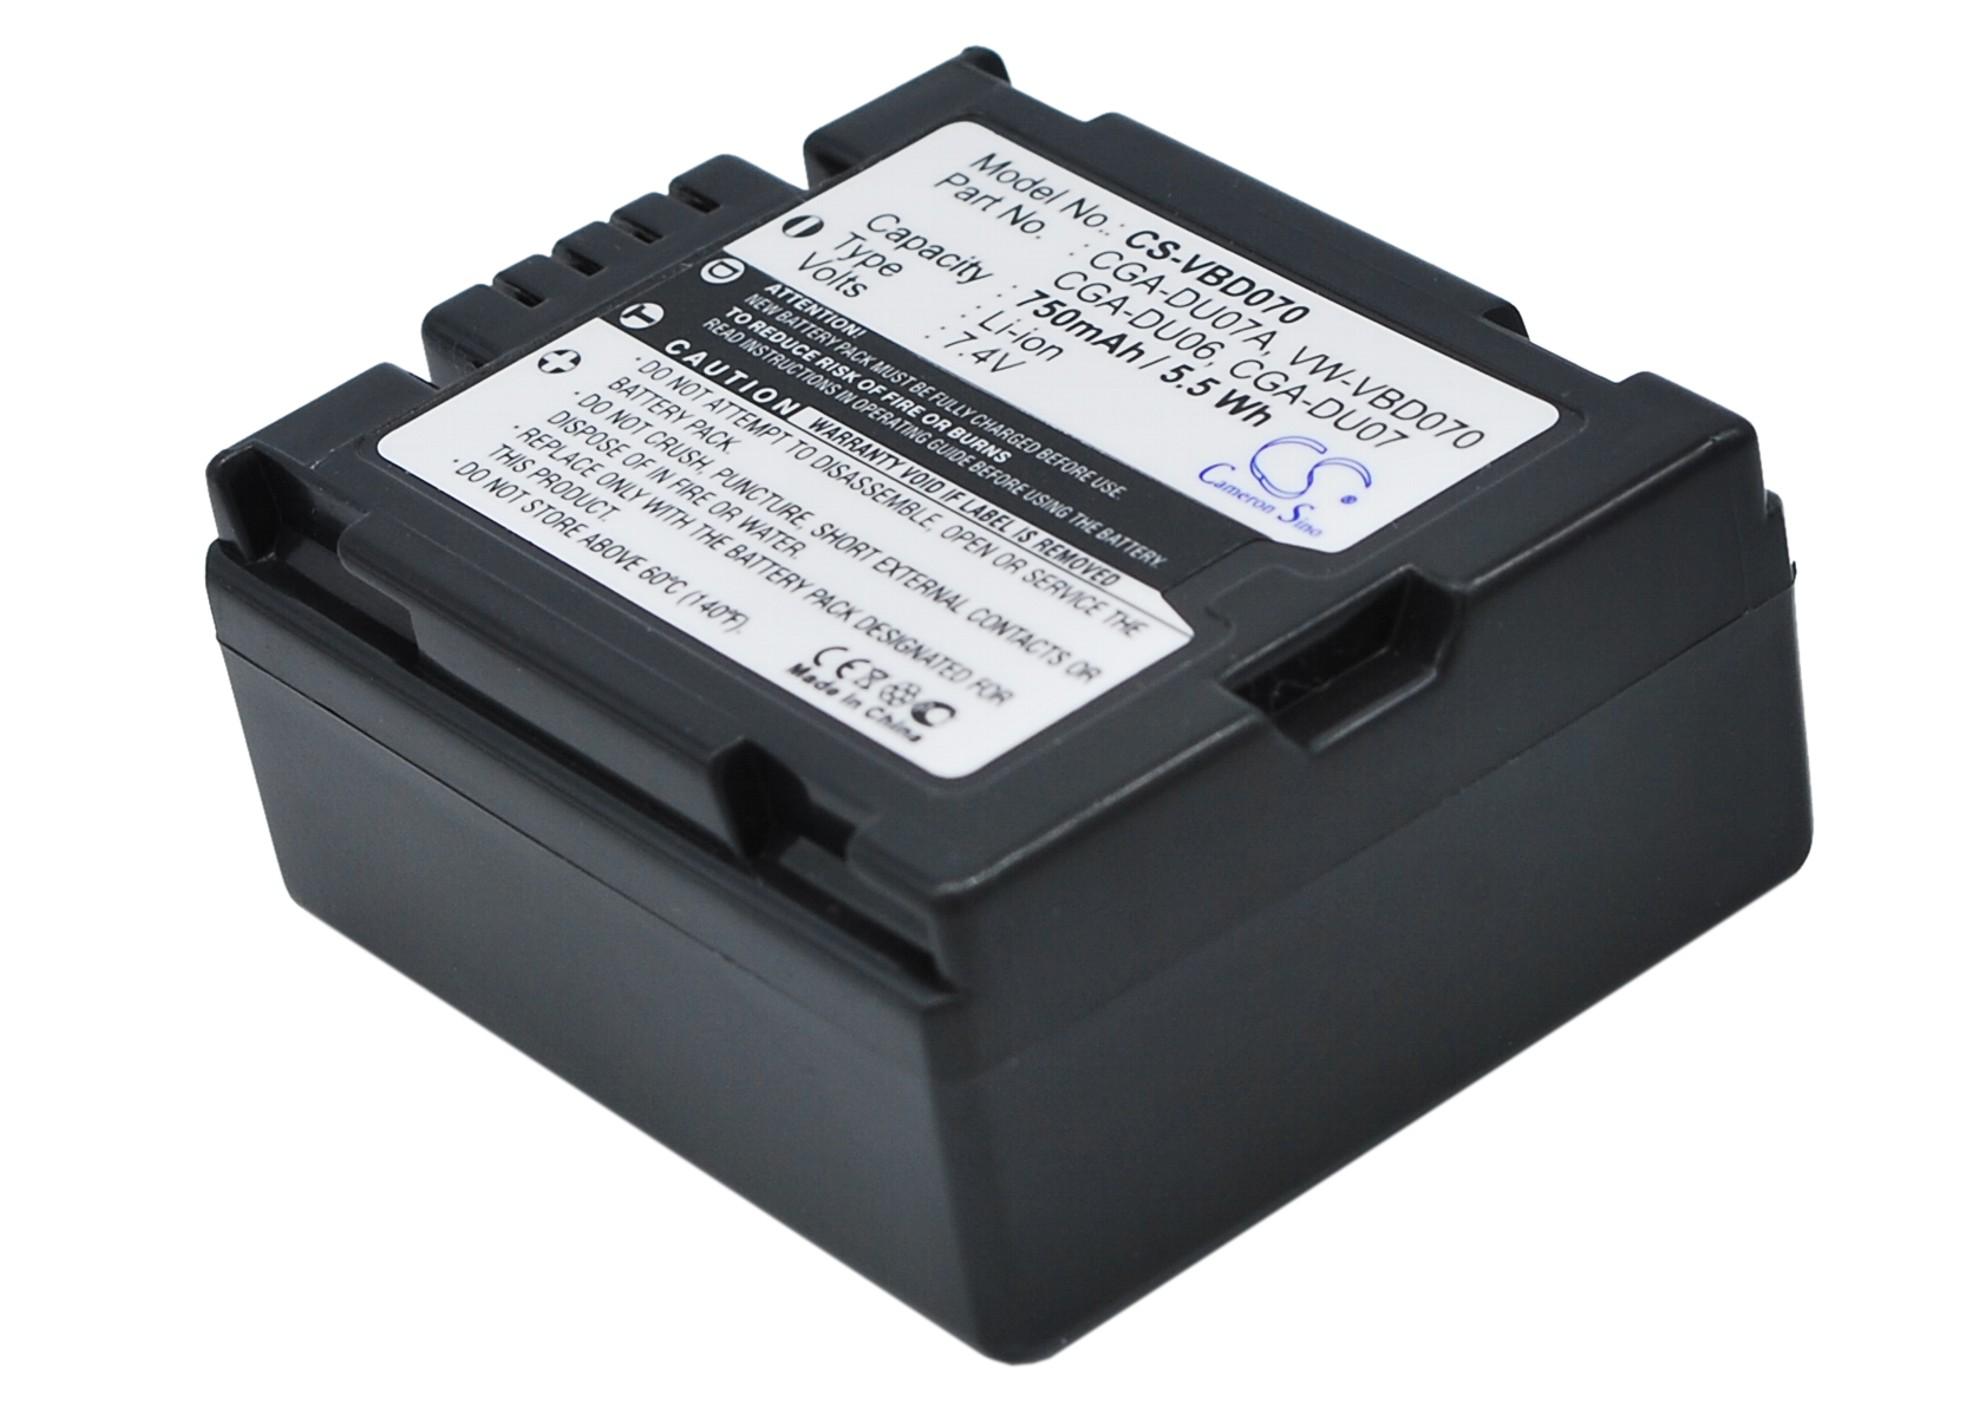 Cameron Sino baterie do kamer a fotoaparátů pro HITACHI DZ-MV580 7.4V Li-ion 750mAh tmavě šedá - neoriginální